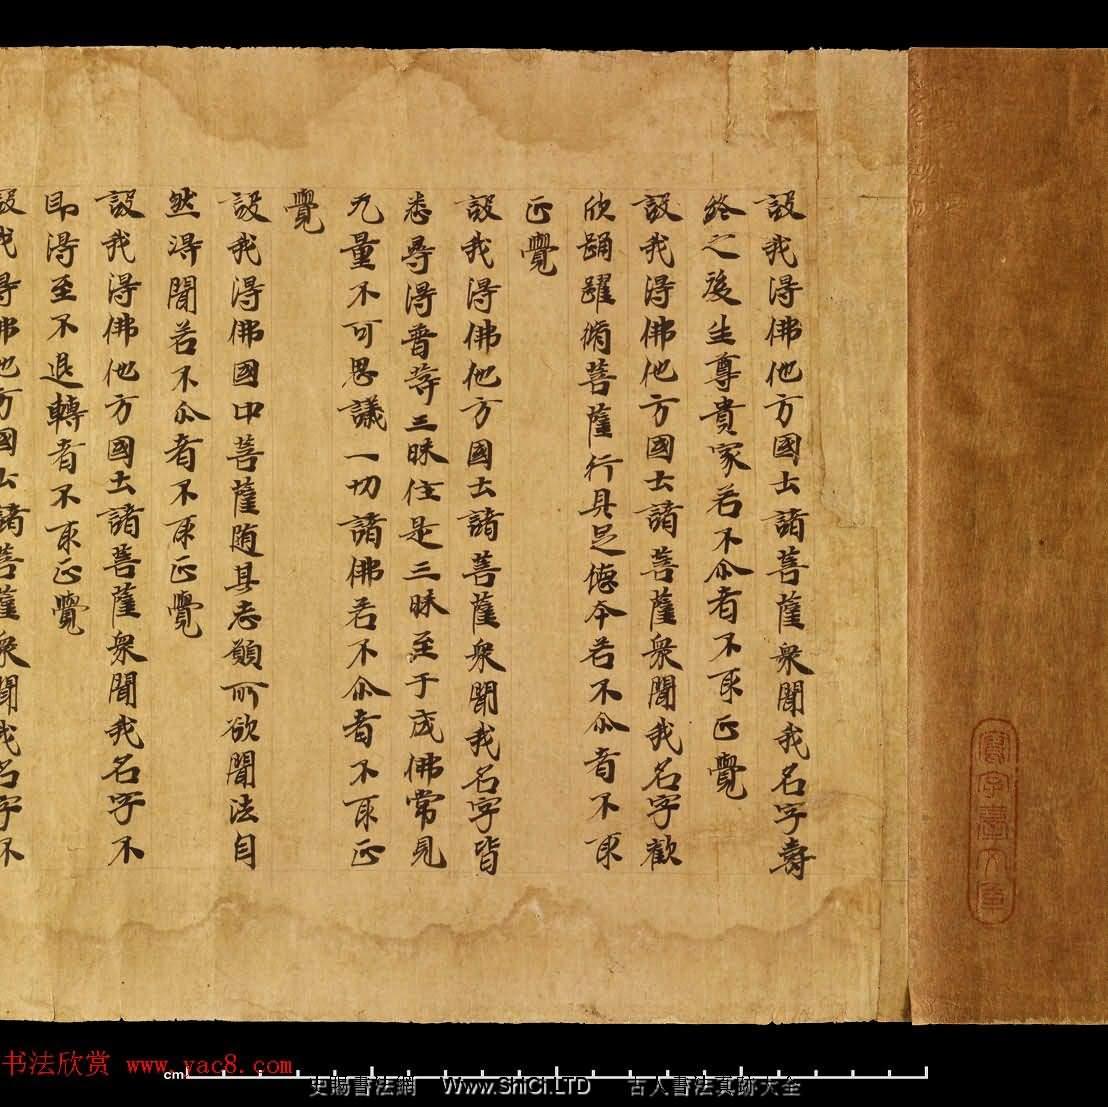 敦煌遺書《無量壽經捲上》日本藏(共18張圖片)